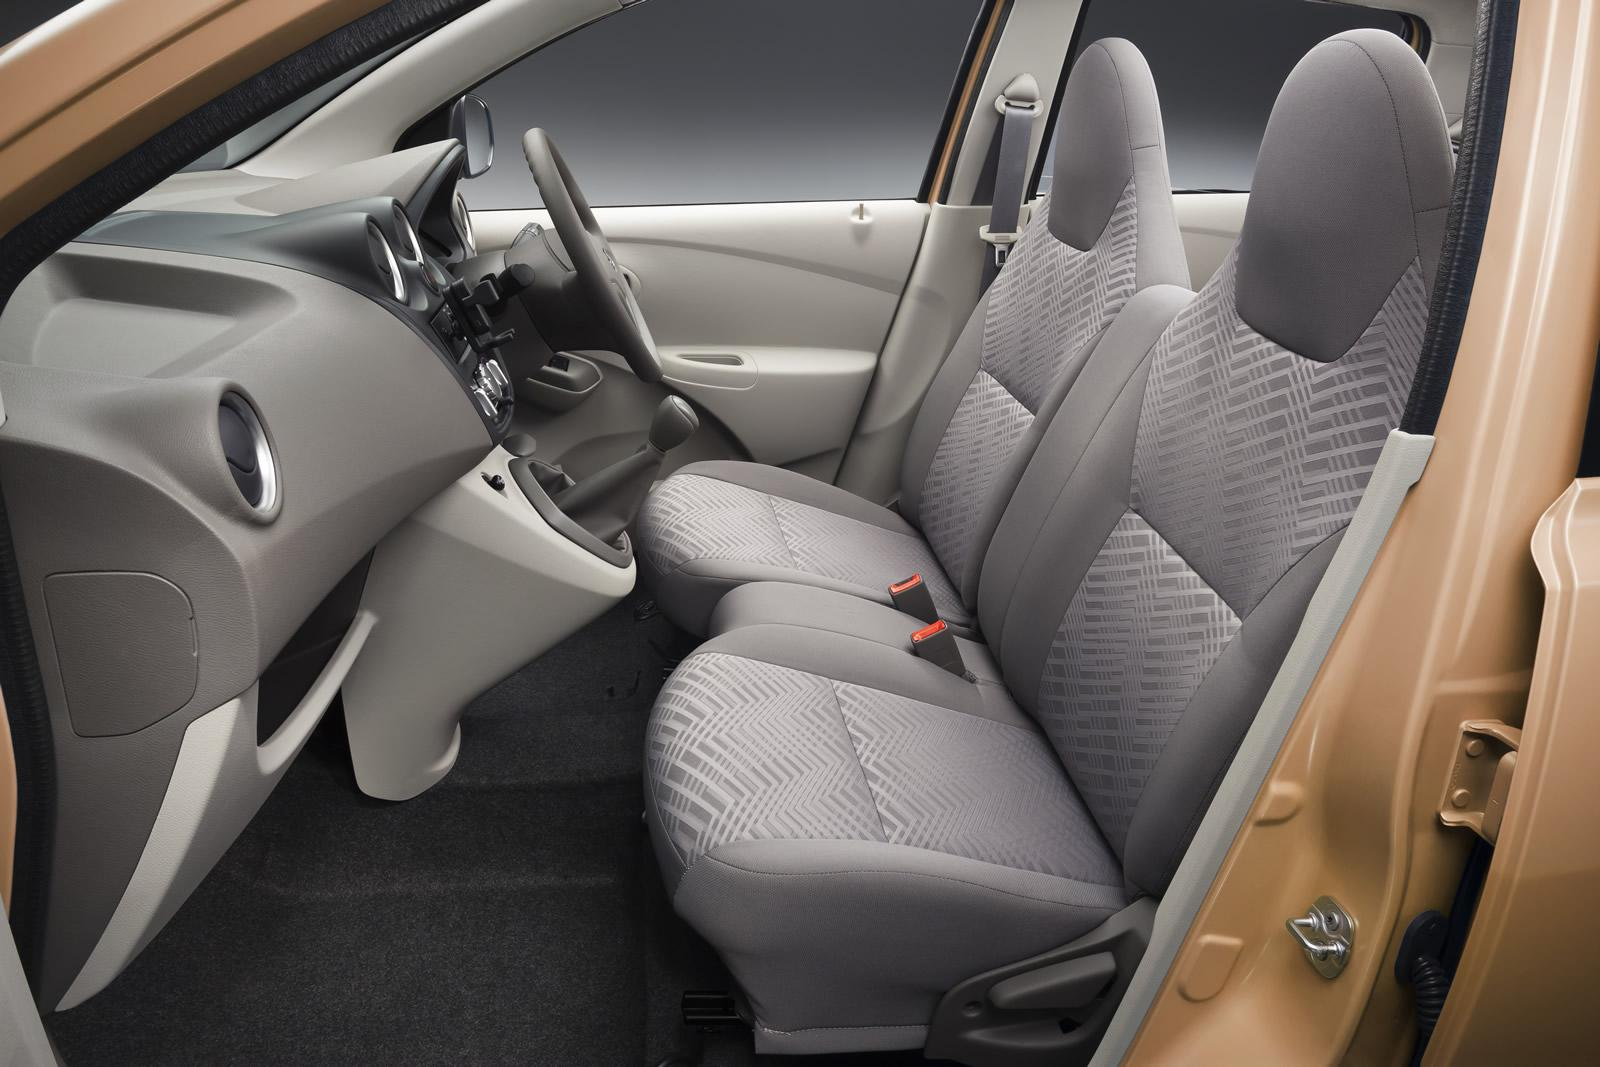 Datsun GO+ 7-seater MPV: Datsun's second model in India